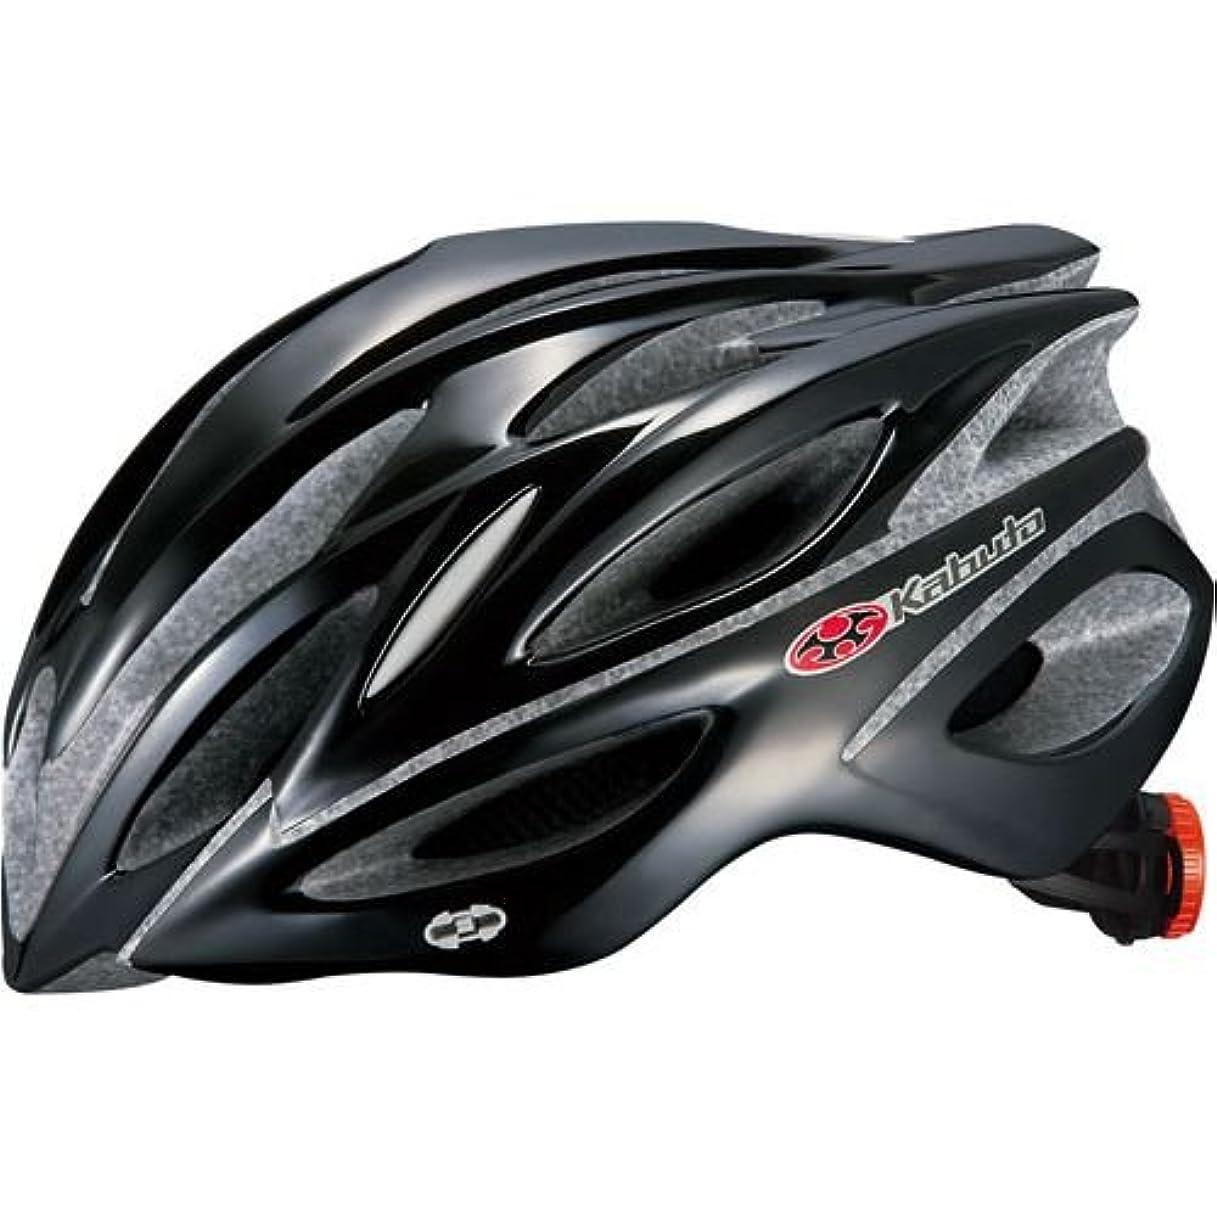 テント孤独な続けるOGK KABUTO(オージーケーカブト) ヘルメット REGAS-2 ブラック M/L (頭囲 57cm~60cm未満)